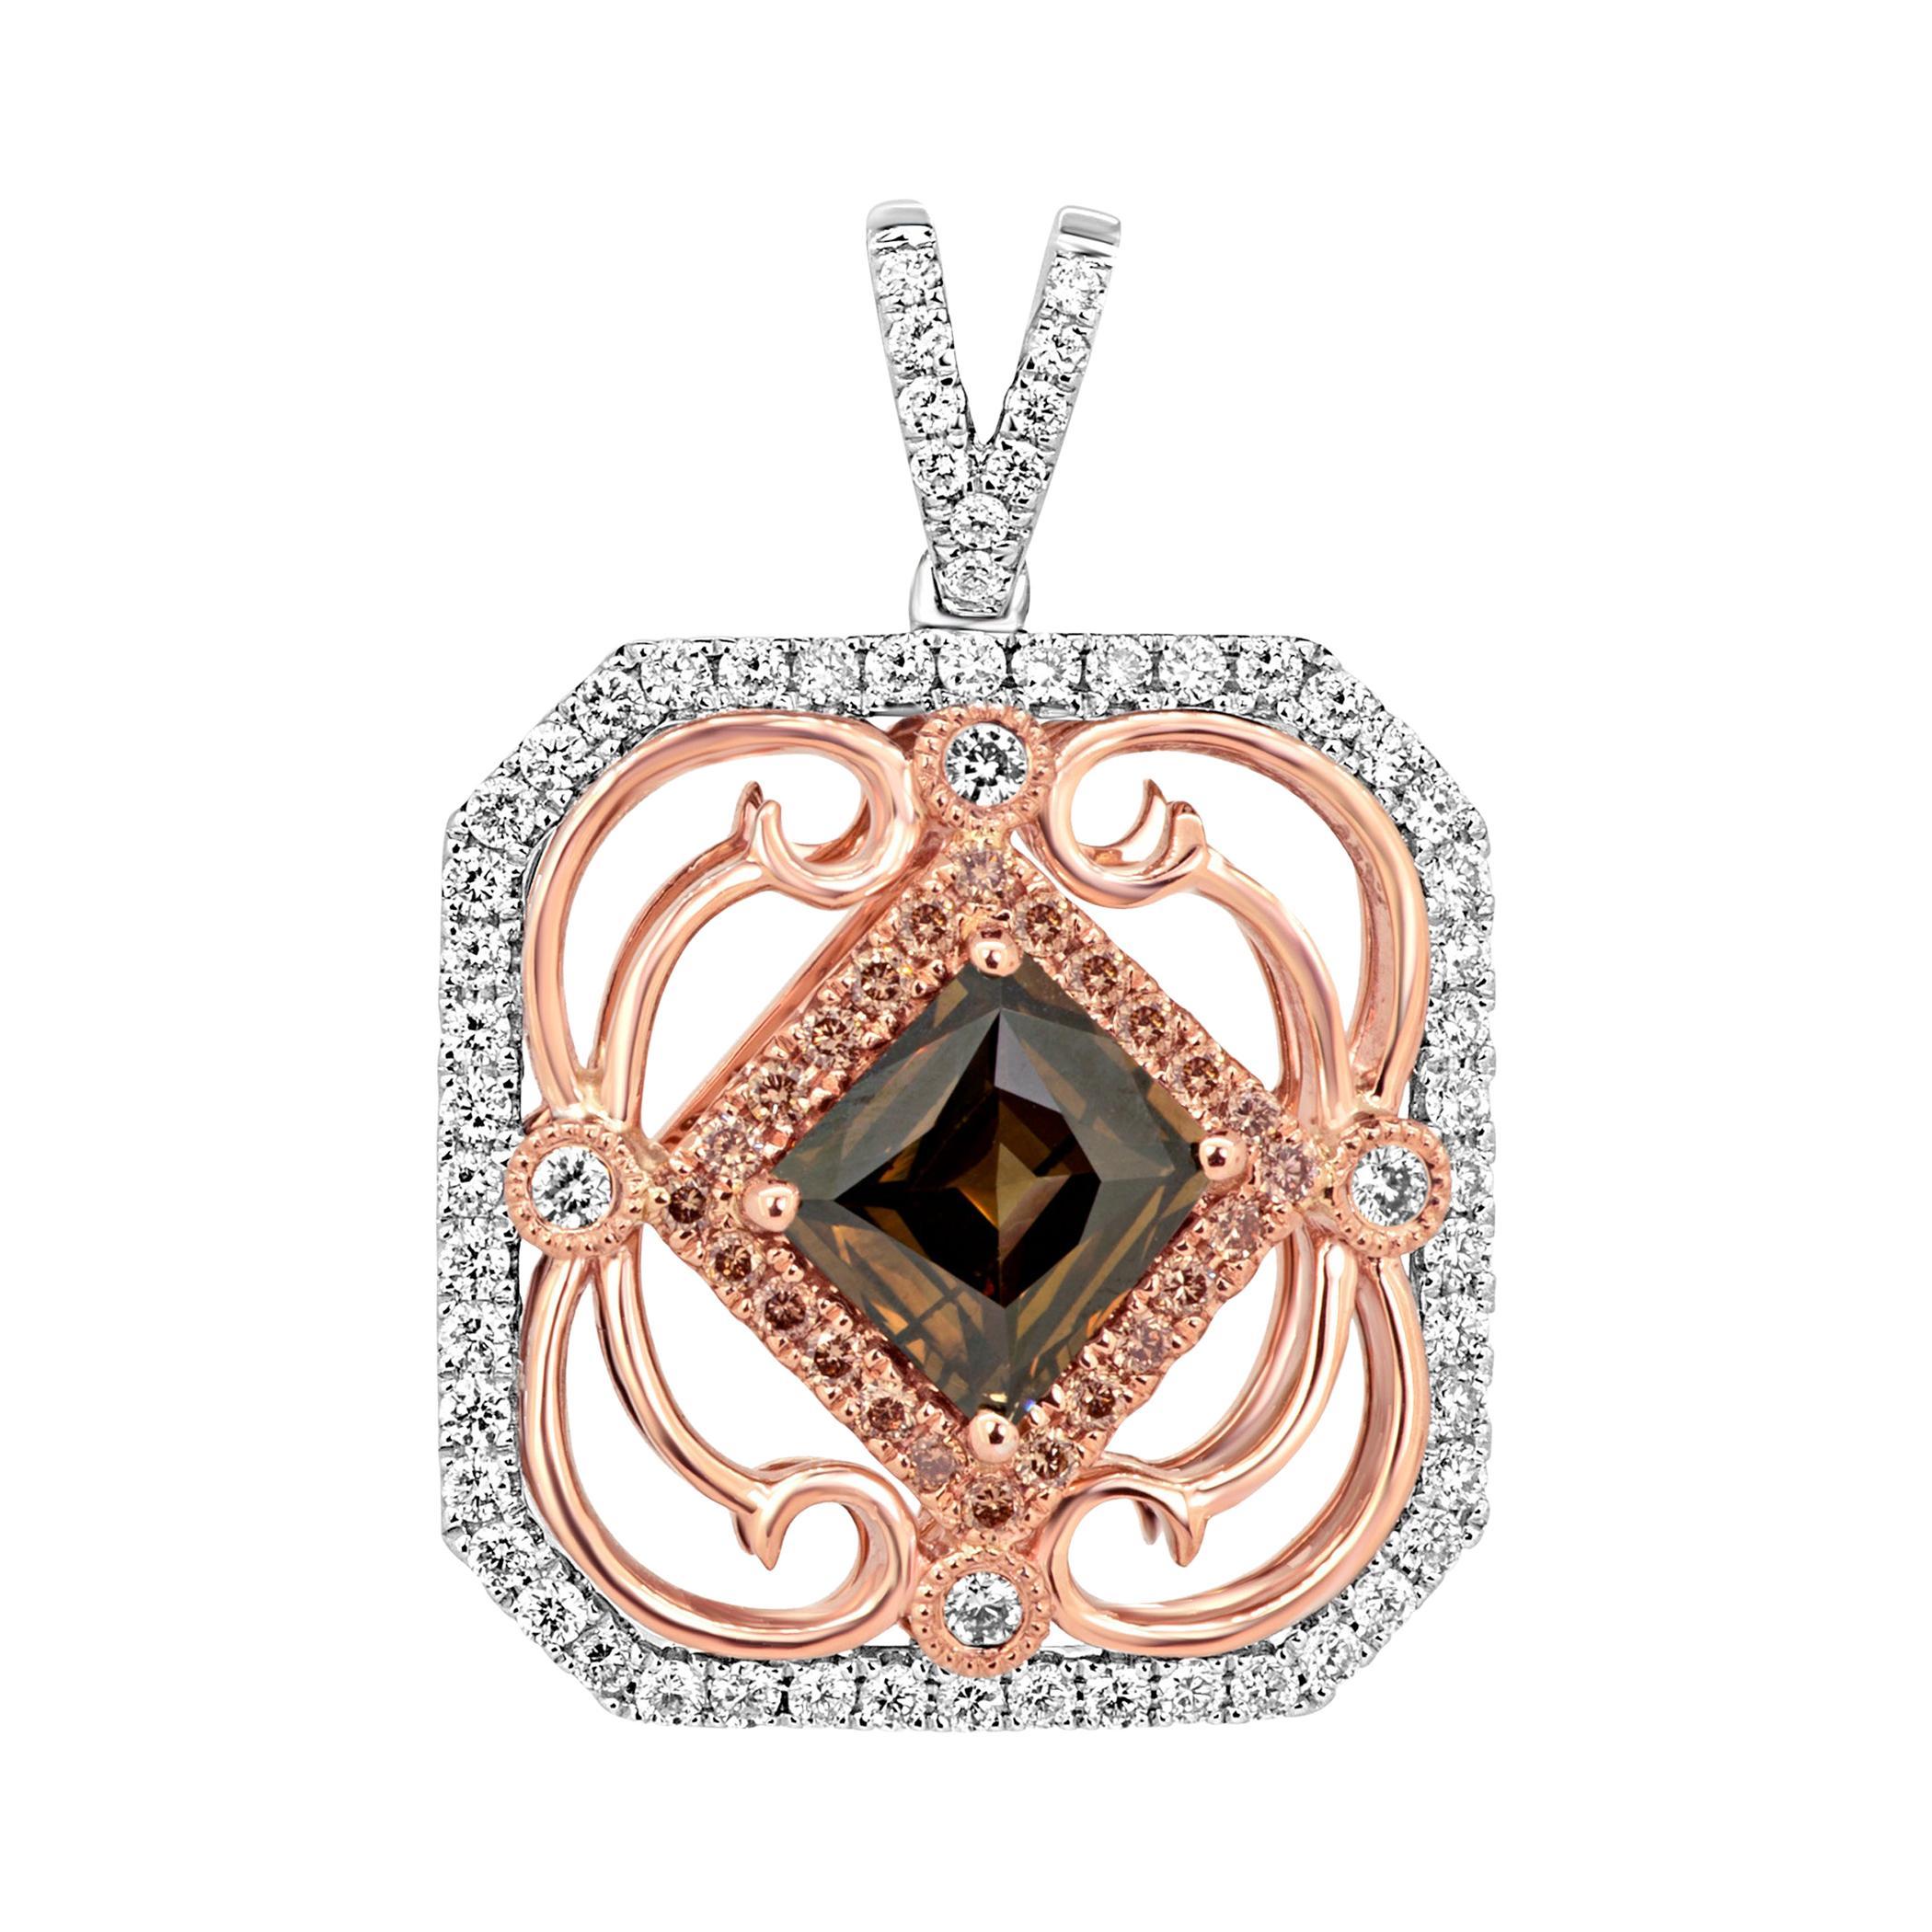 Natural Cognac Diamond Double Halo Two-Color Gold Pendant Chain Drop Necklace